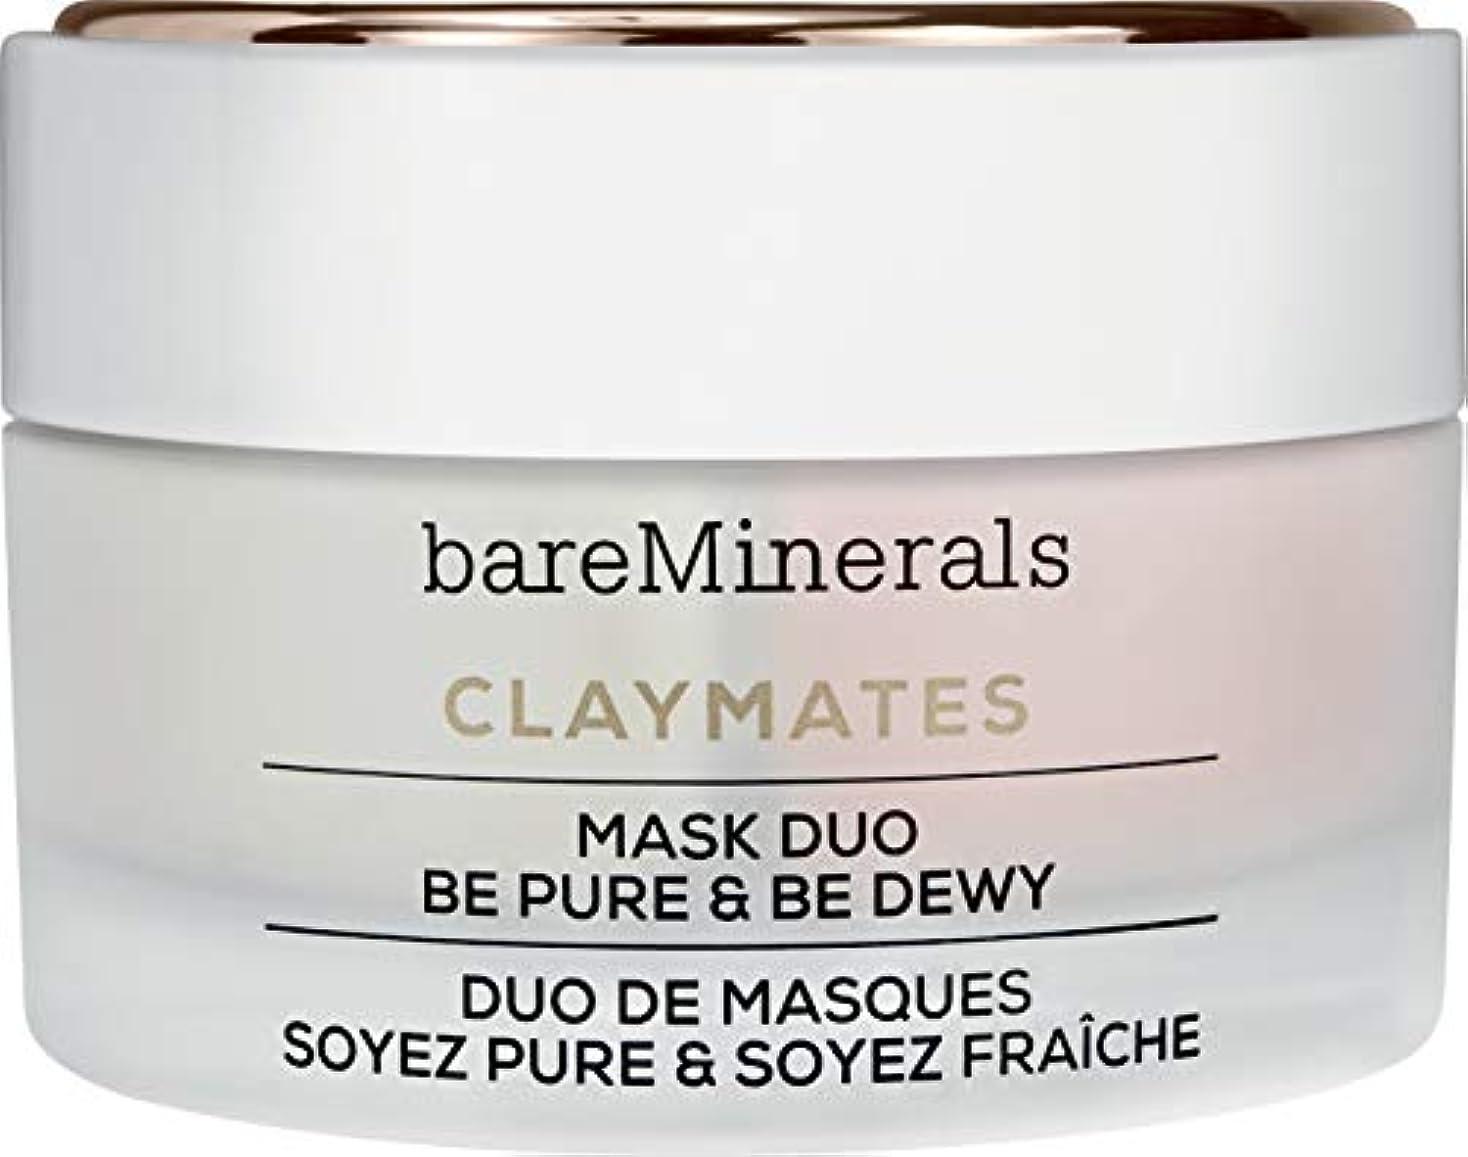 経験値合理化ベアミネラル Claymates Be Pure & Be Dewy Mask Duo 58g/2.04oz並行輸入品